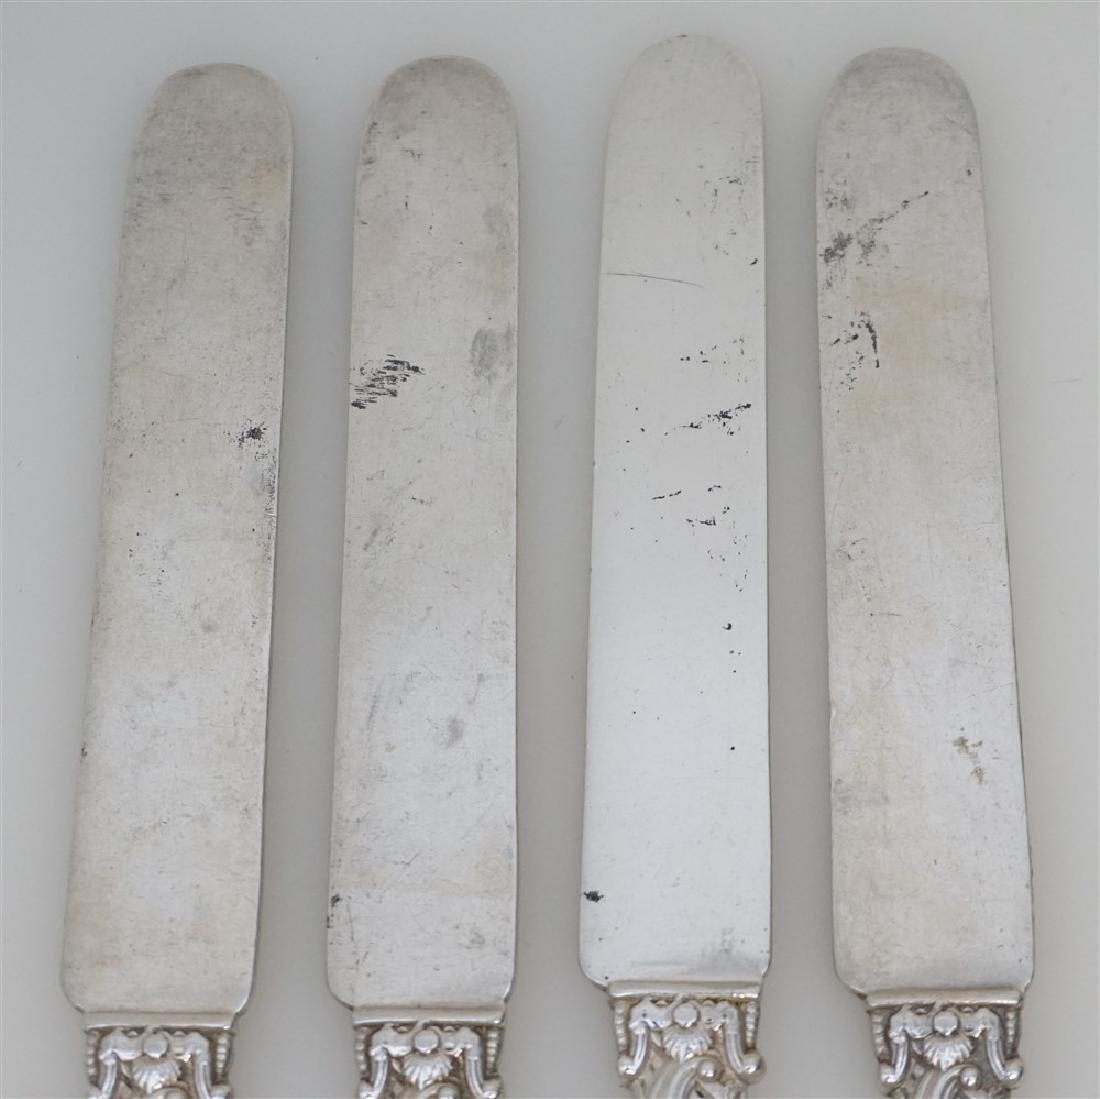 4 GORHAM STERLING VERSAILLES 1888 KNIVES - 5